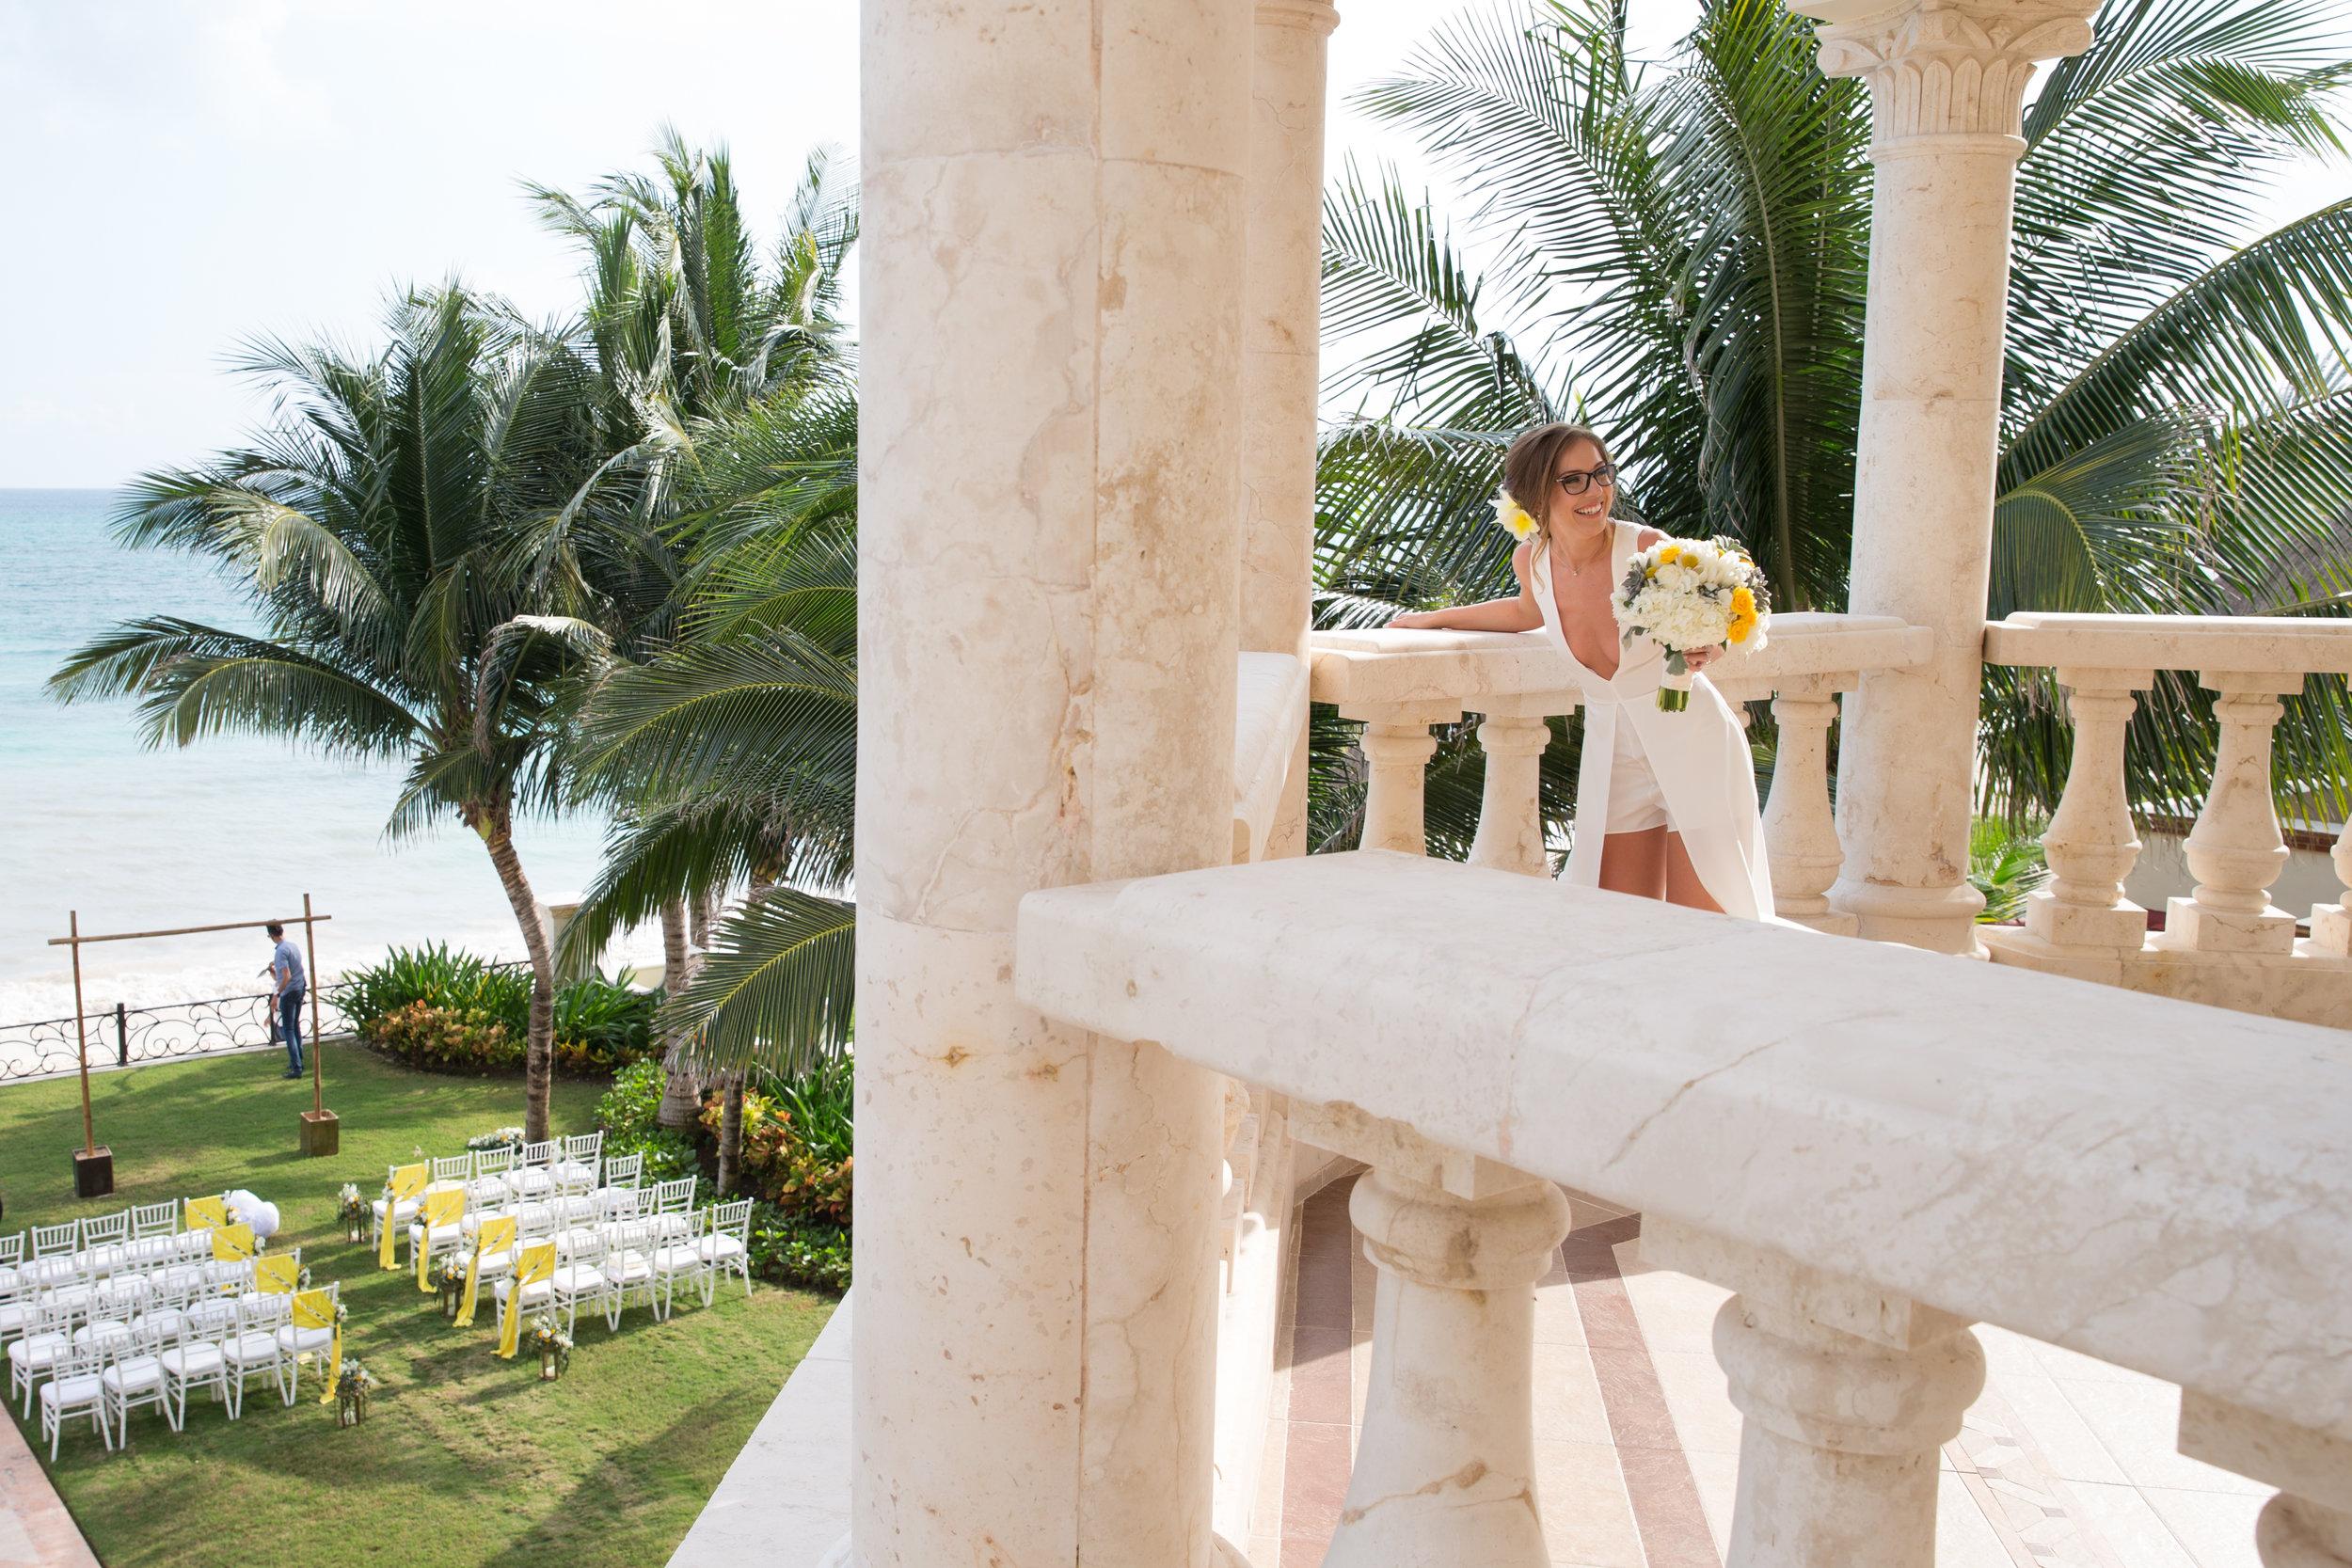 destination-wedding-venue-villa-la-joya-07.jpg